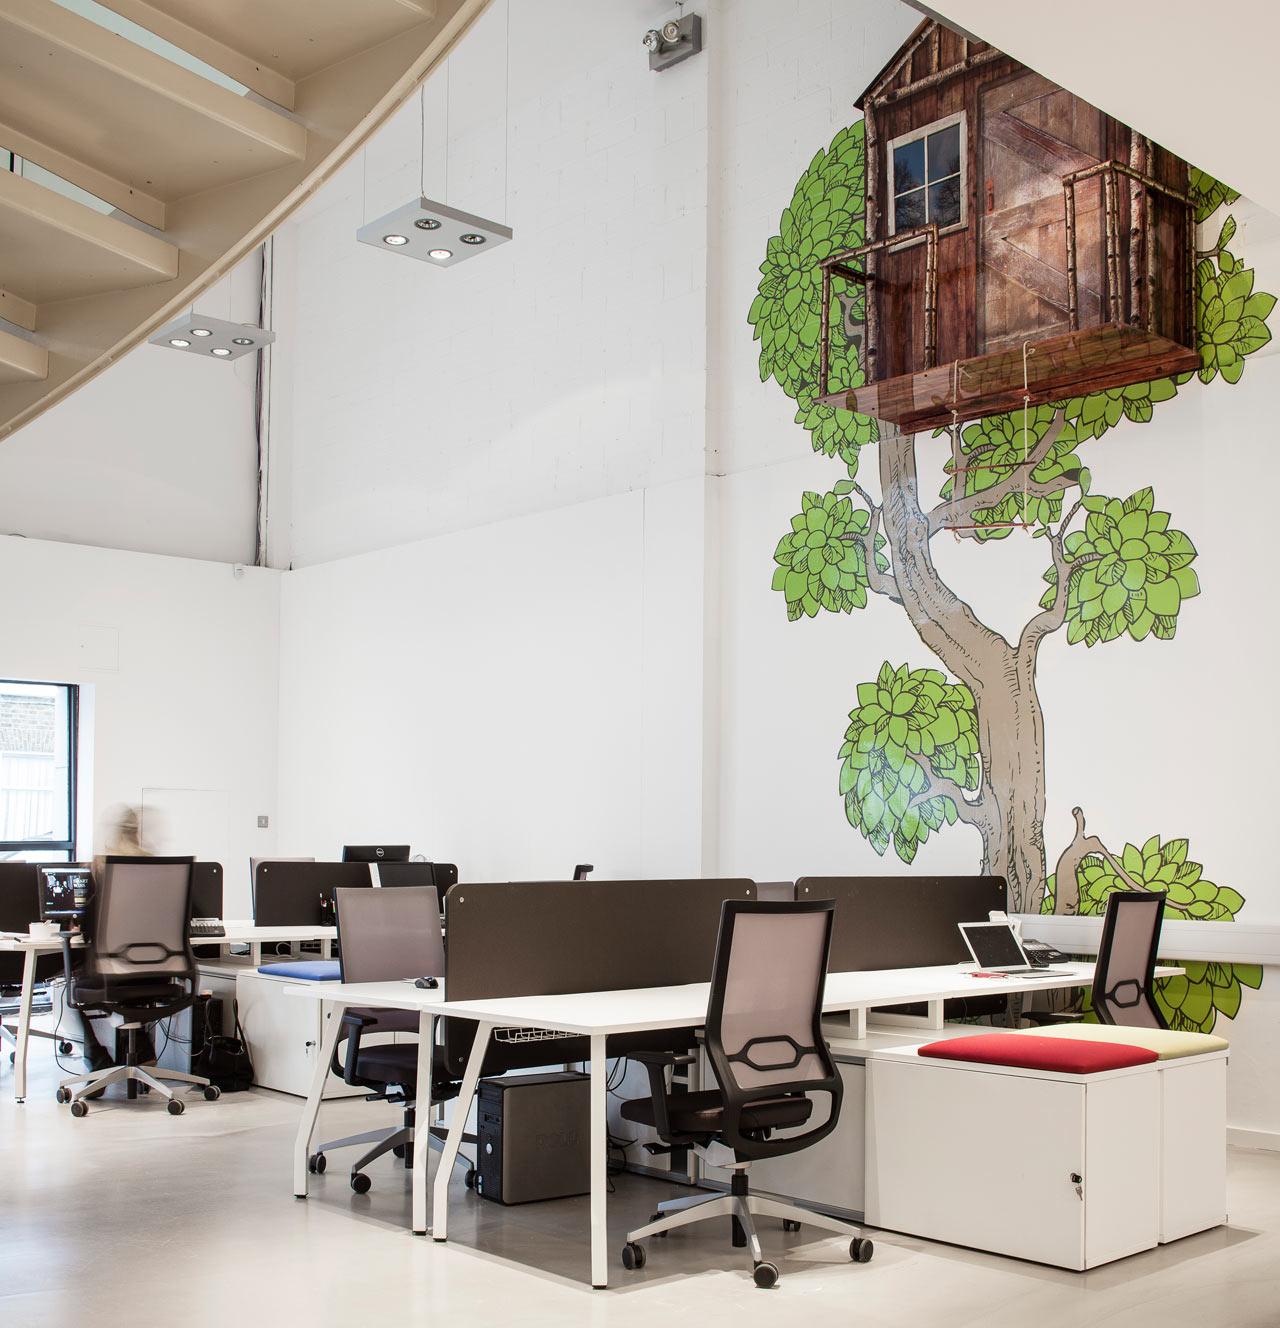 искусственно уютные нестандартные офисы фото обладает уникальным голосом